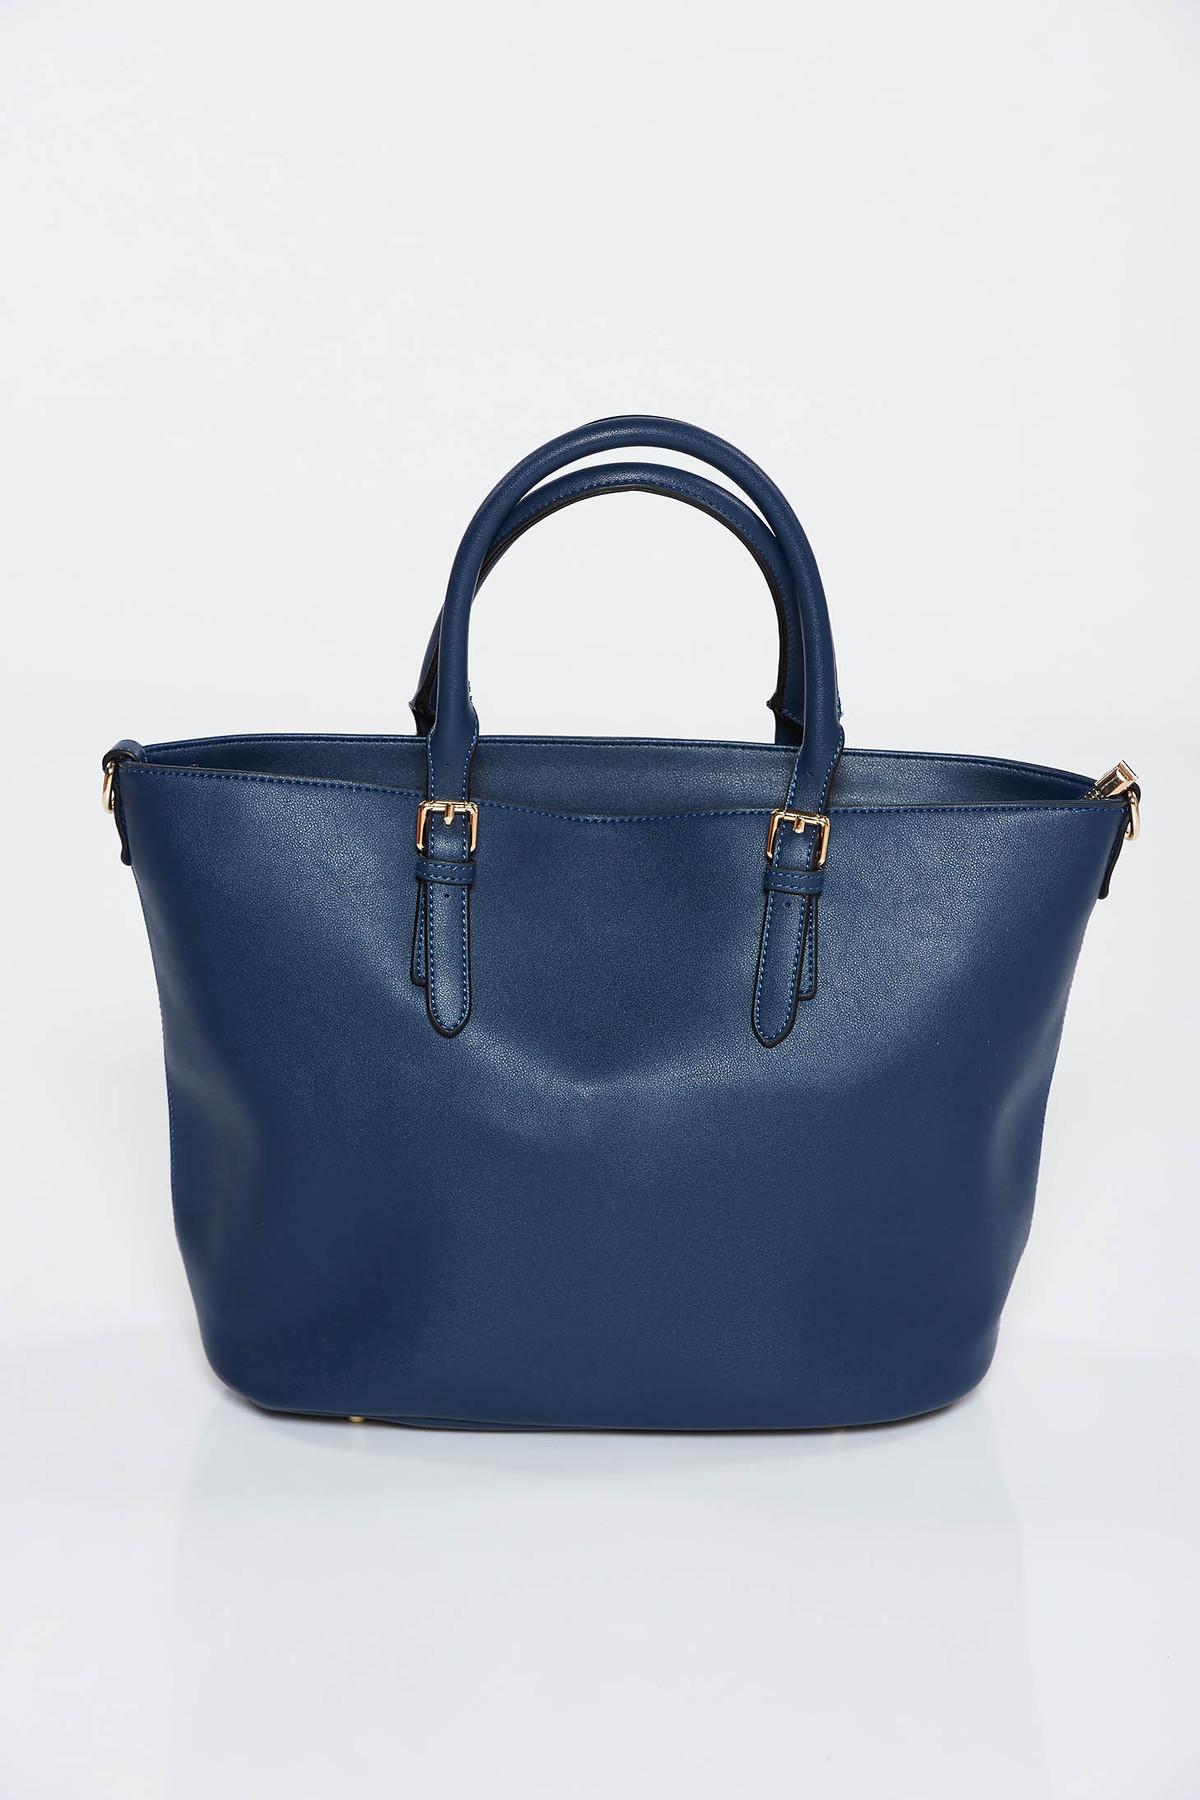 Geanta dama albastra-inchis office din piele ecologica cu manere de lungime medie